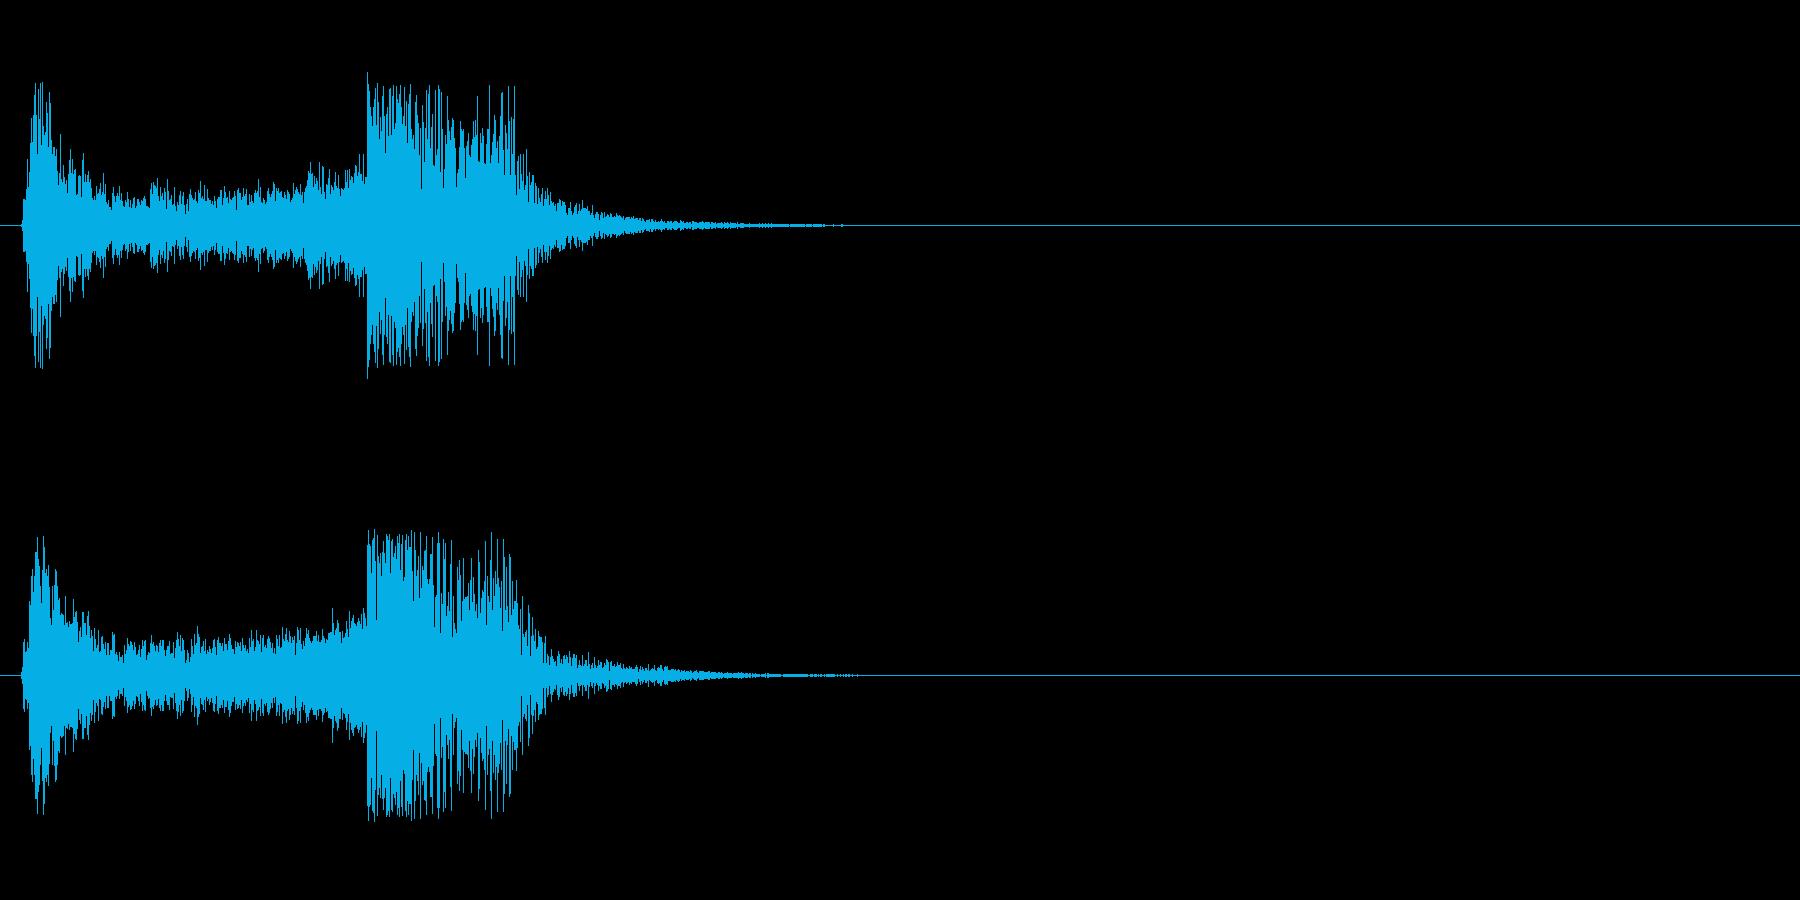 恐怖・ホラー・サスペンス系のストリングスの再生済みの波形